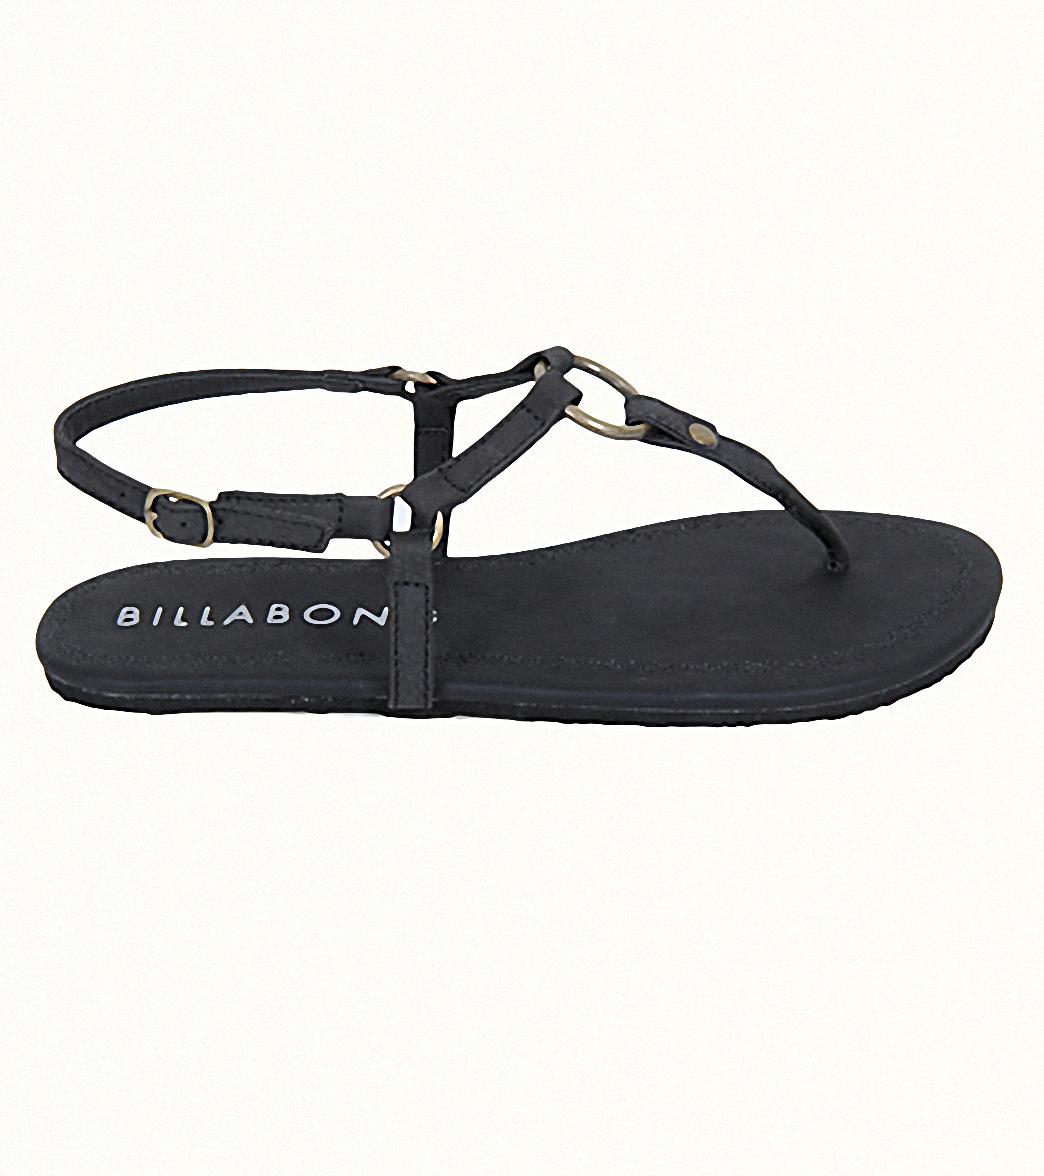 Billabong Girls' Sandals Girls' Billabong Miramar YW9IeH2bED